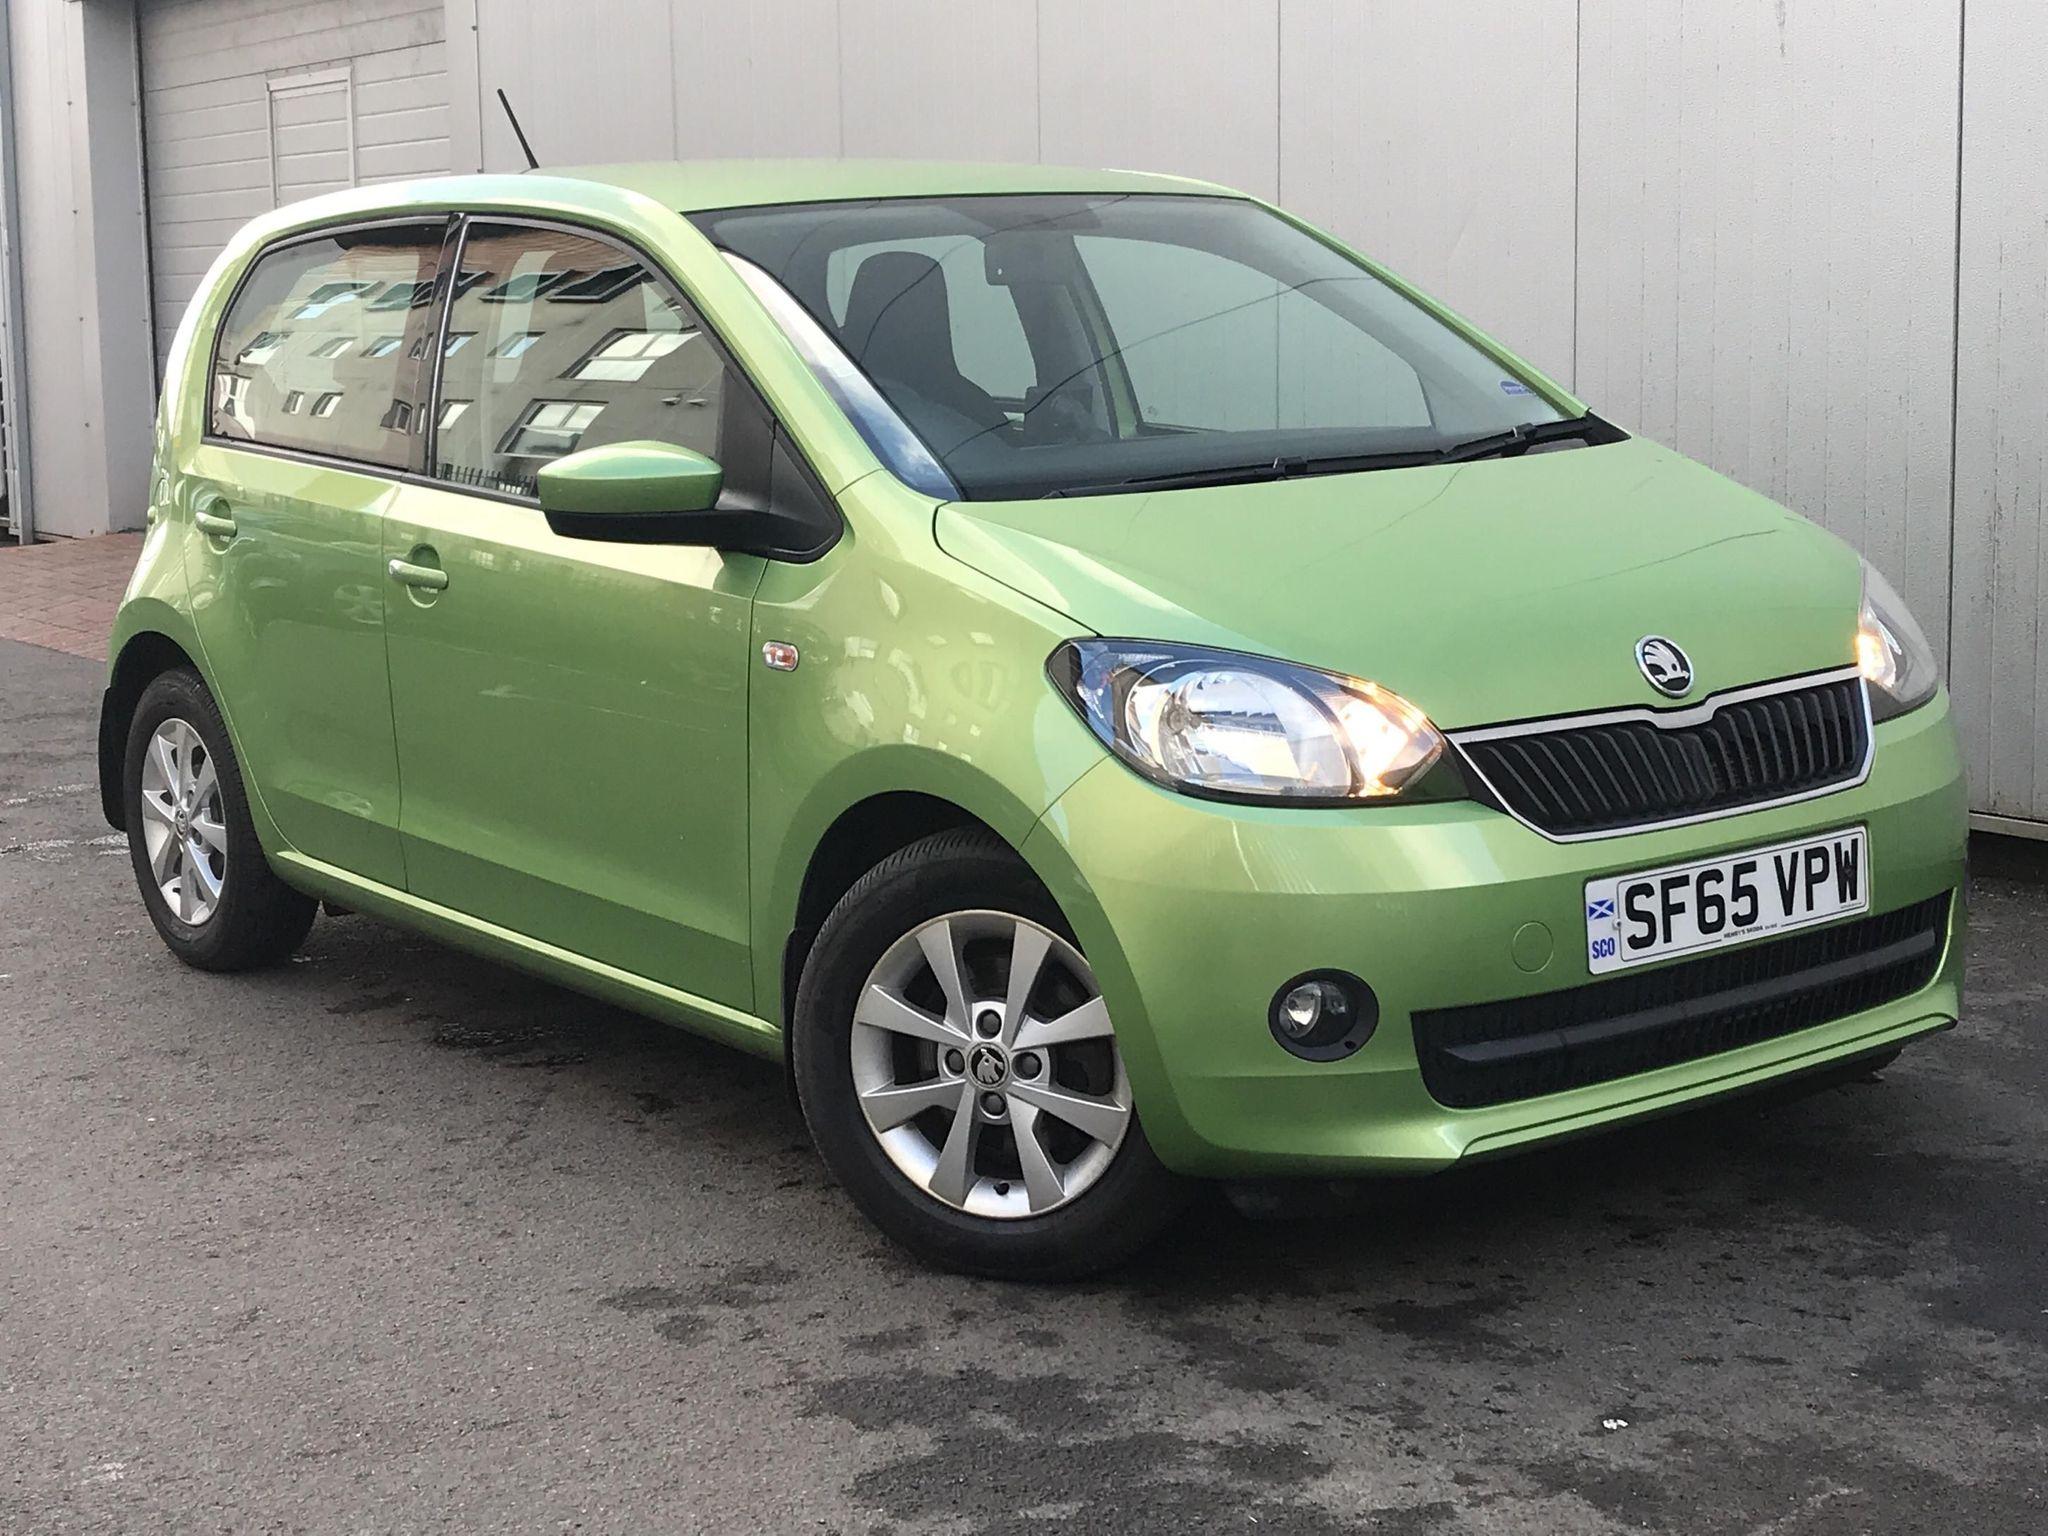 ŠKODA Citigo 1.0 MPI (75PS) SE L GreenTech Hatchback 5Dr